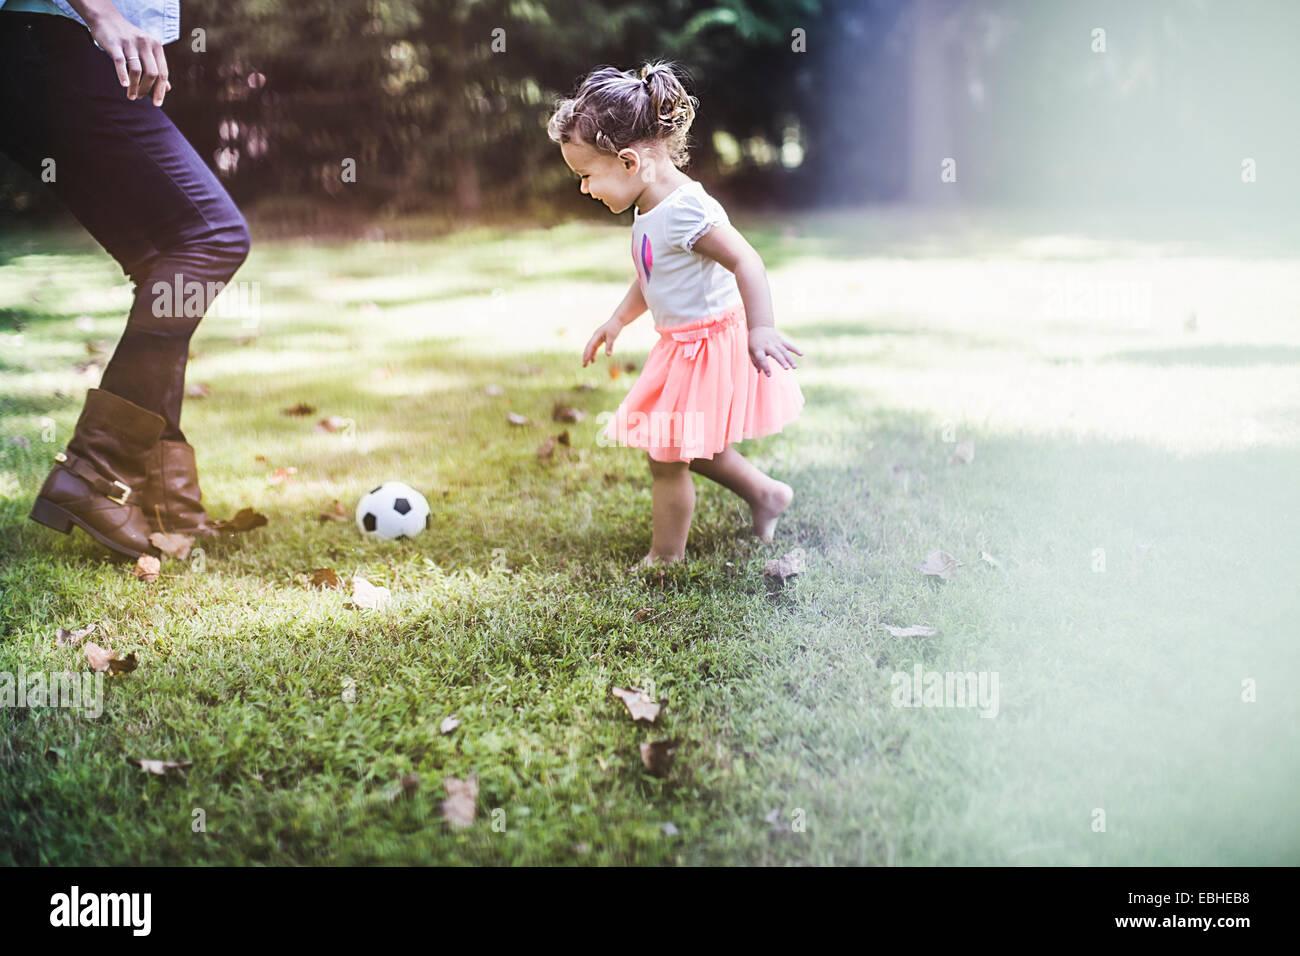 Bambina che gioca con la palla in giardino Immagini Stock